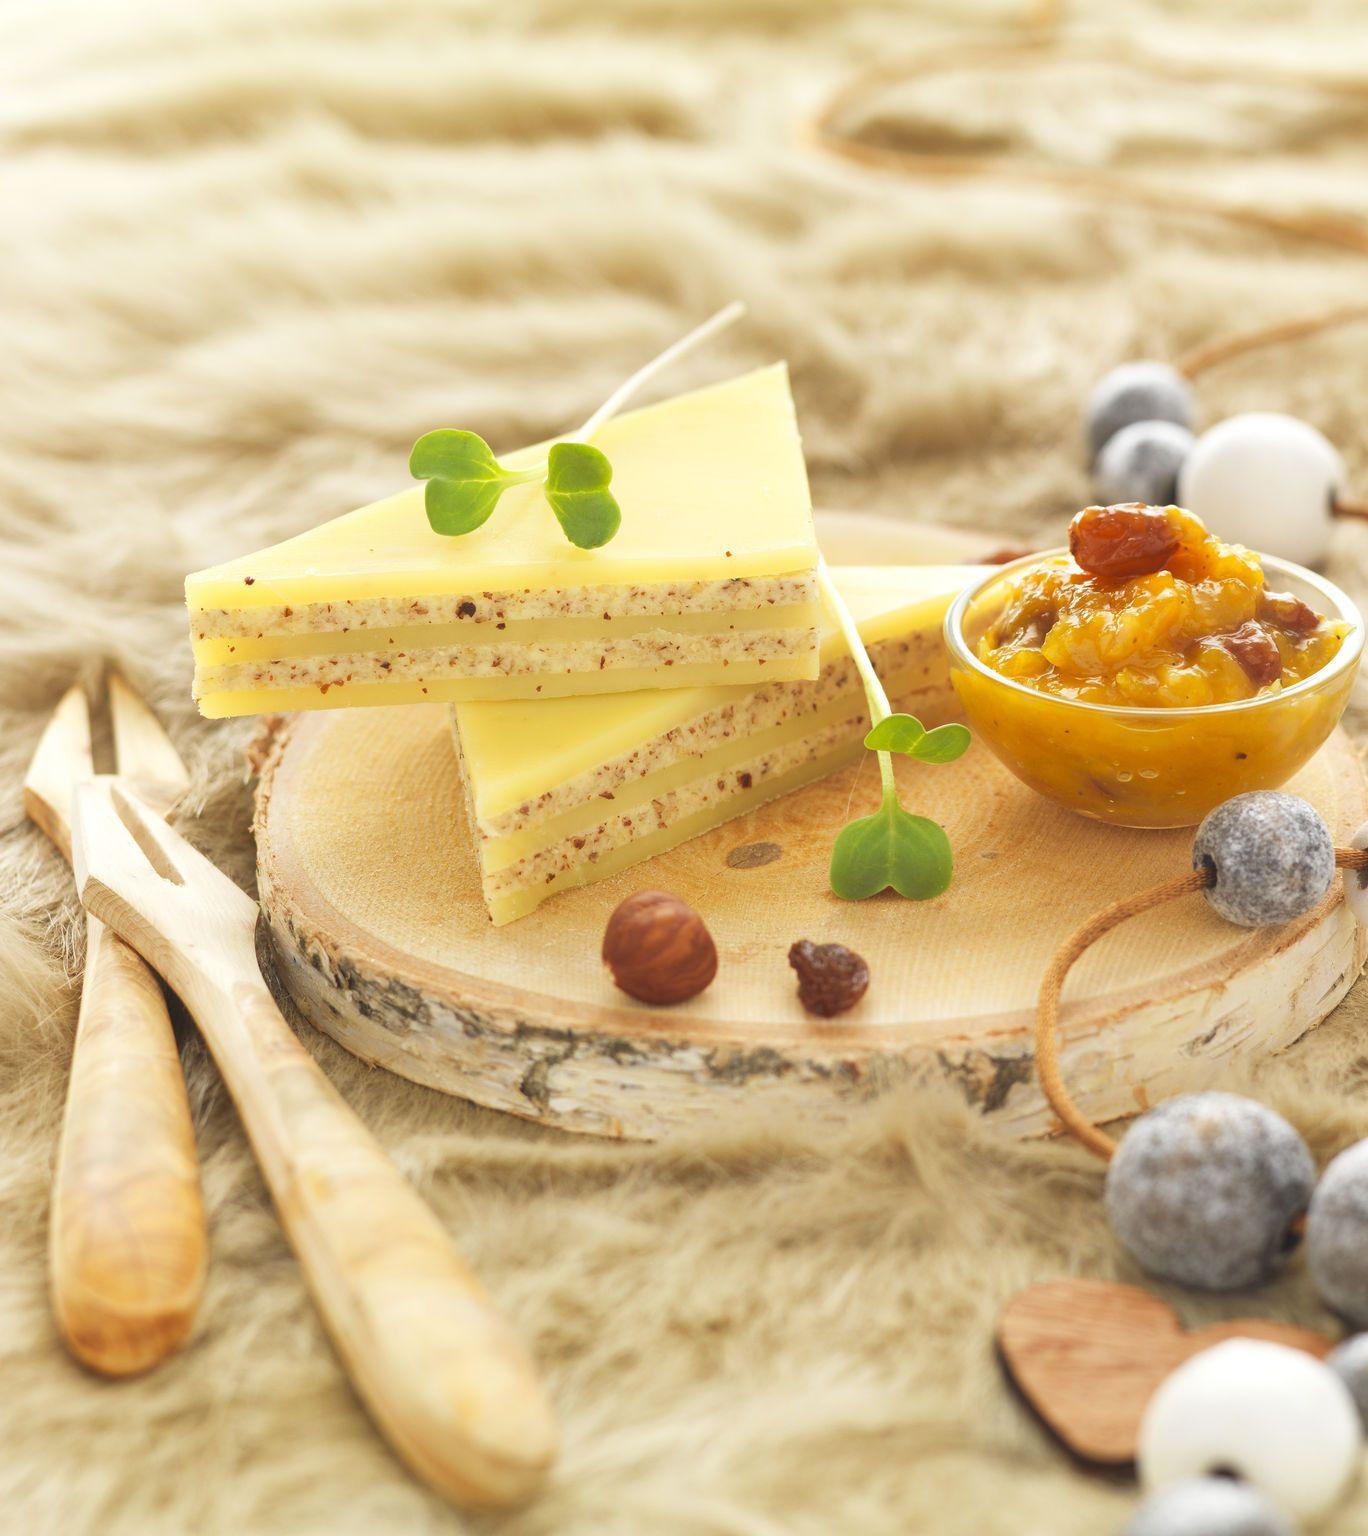 Fromage : mille-feuilles de Comté au beurre de noisette et chutney mangue-raisin recette issue de Cookidoo.fr